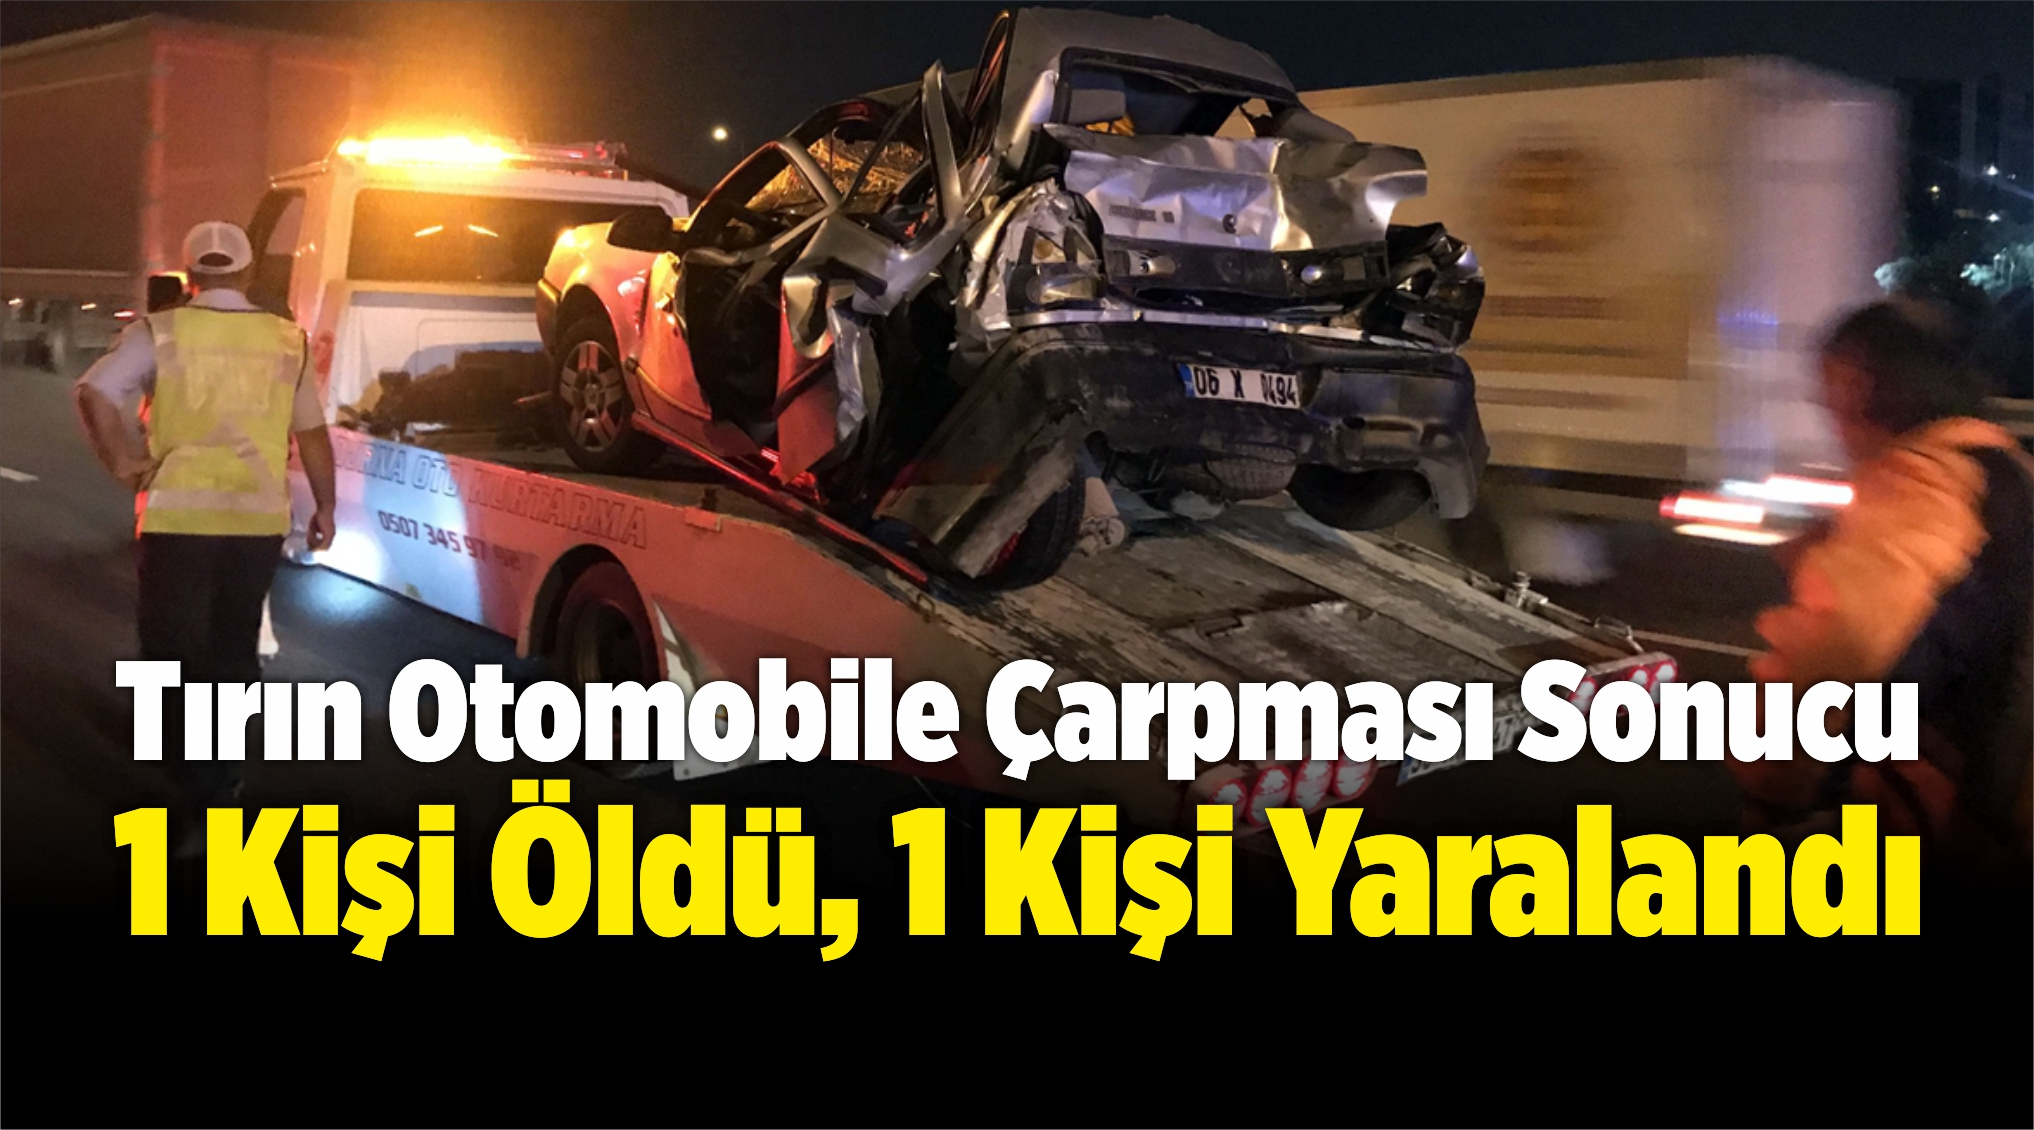 Tırın Otomobile Çarpması Sonucu 1 Kişi Öldü, 1 Kişi Yaralandı